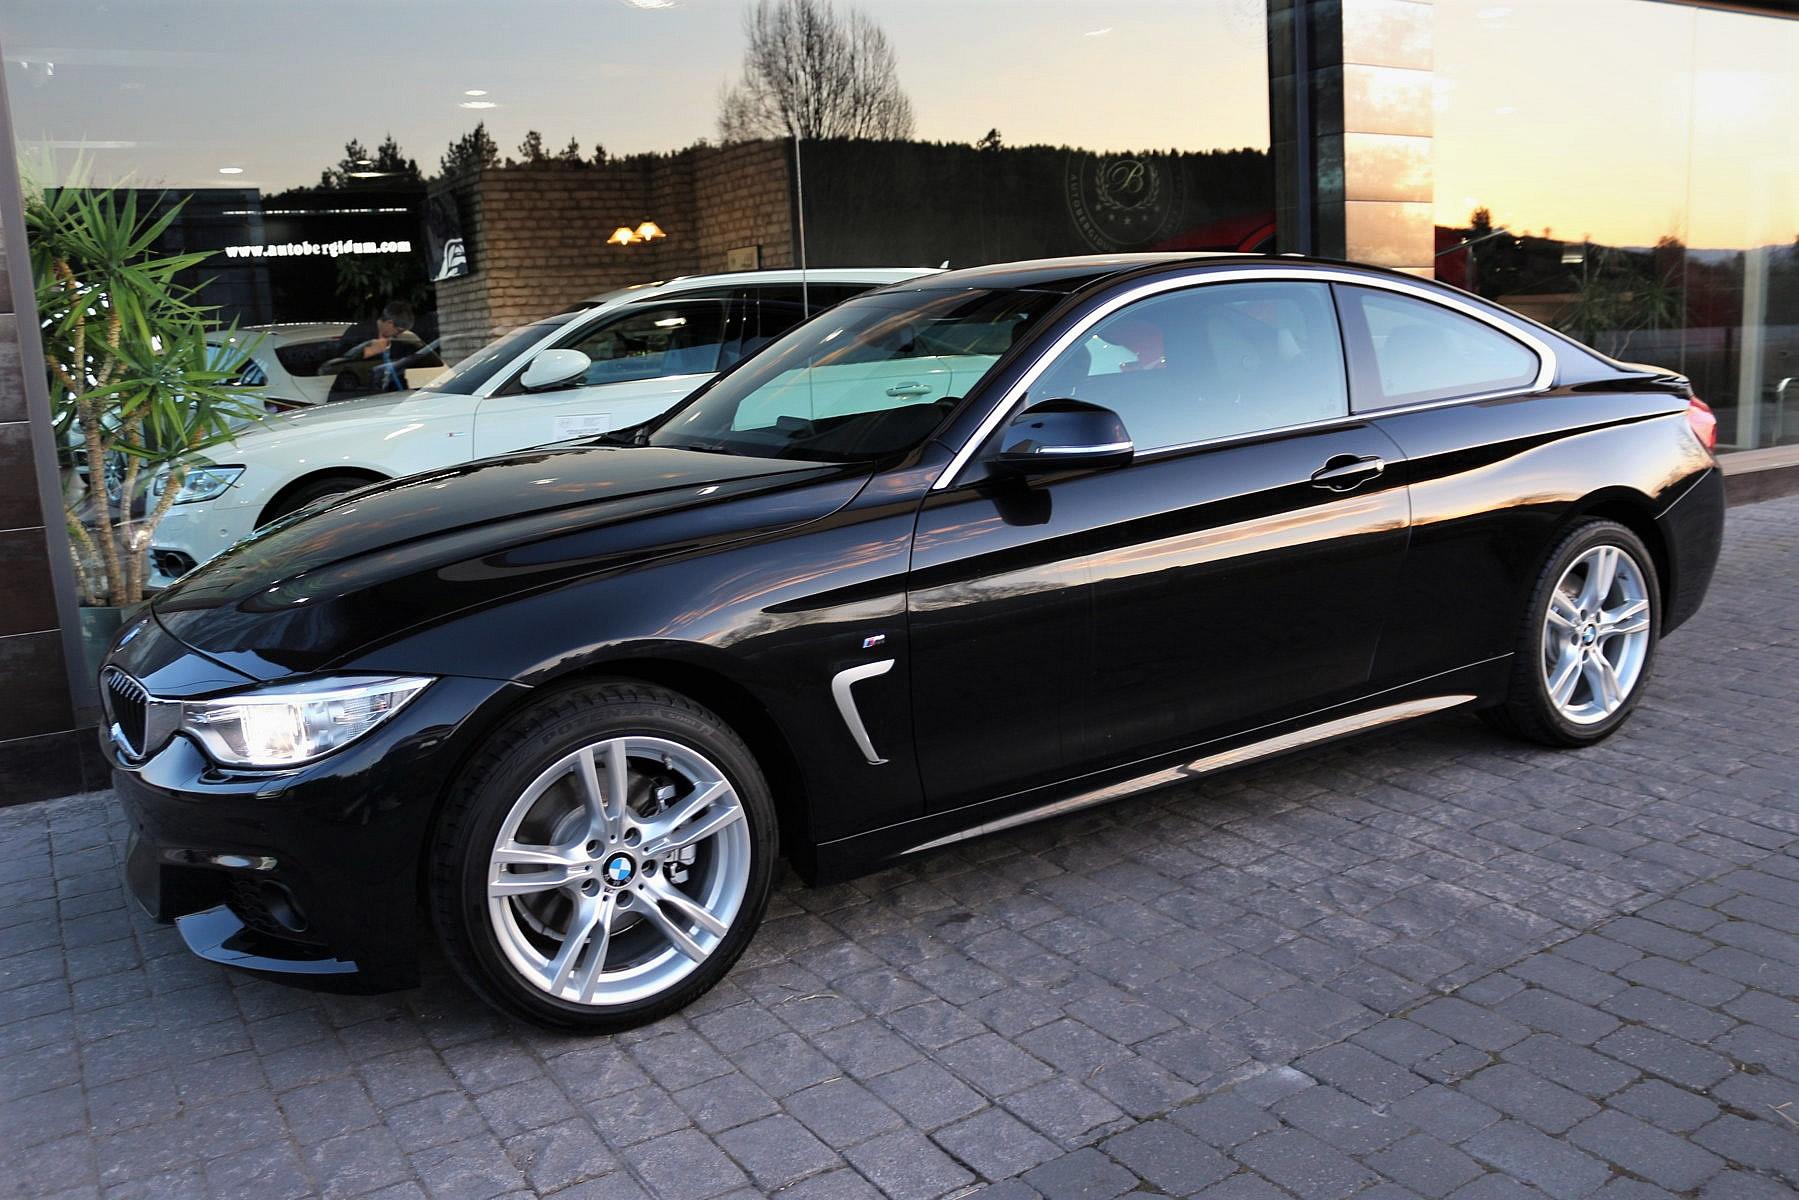 BMW 430d xDrive Coupé (13)